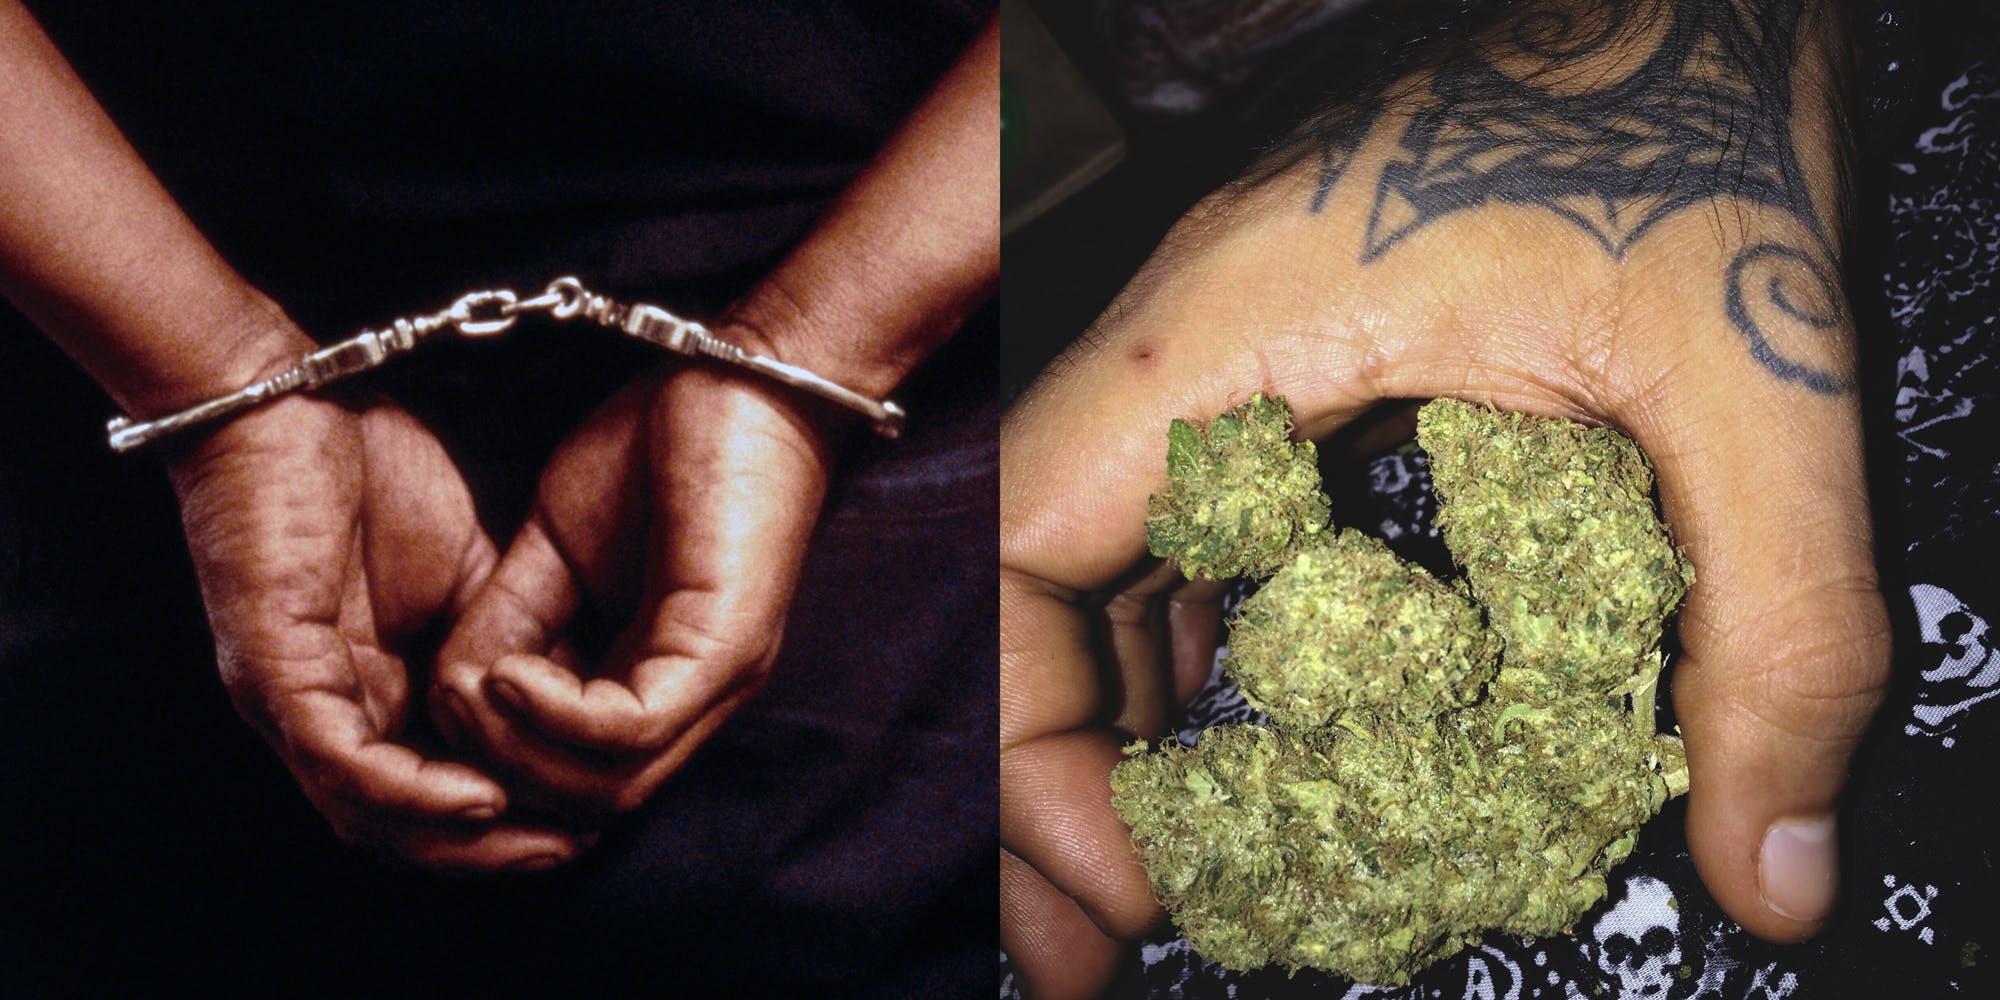 Tattooed Hand of schizophrenic murderer Holding Marijuana At Home